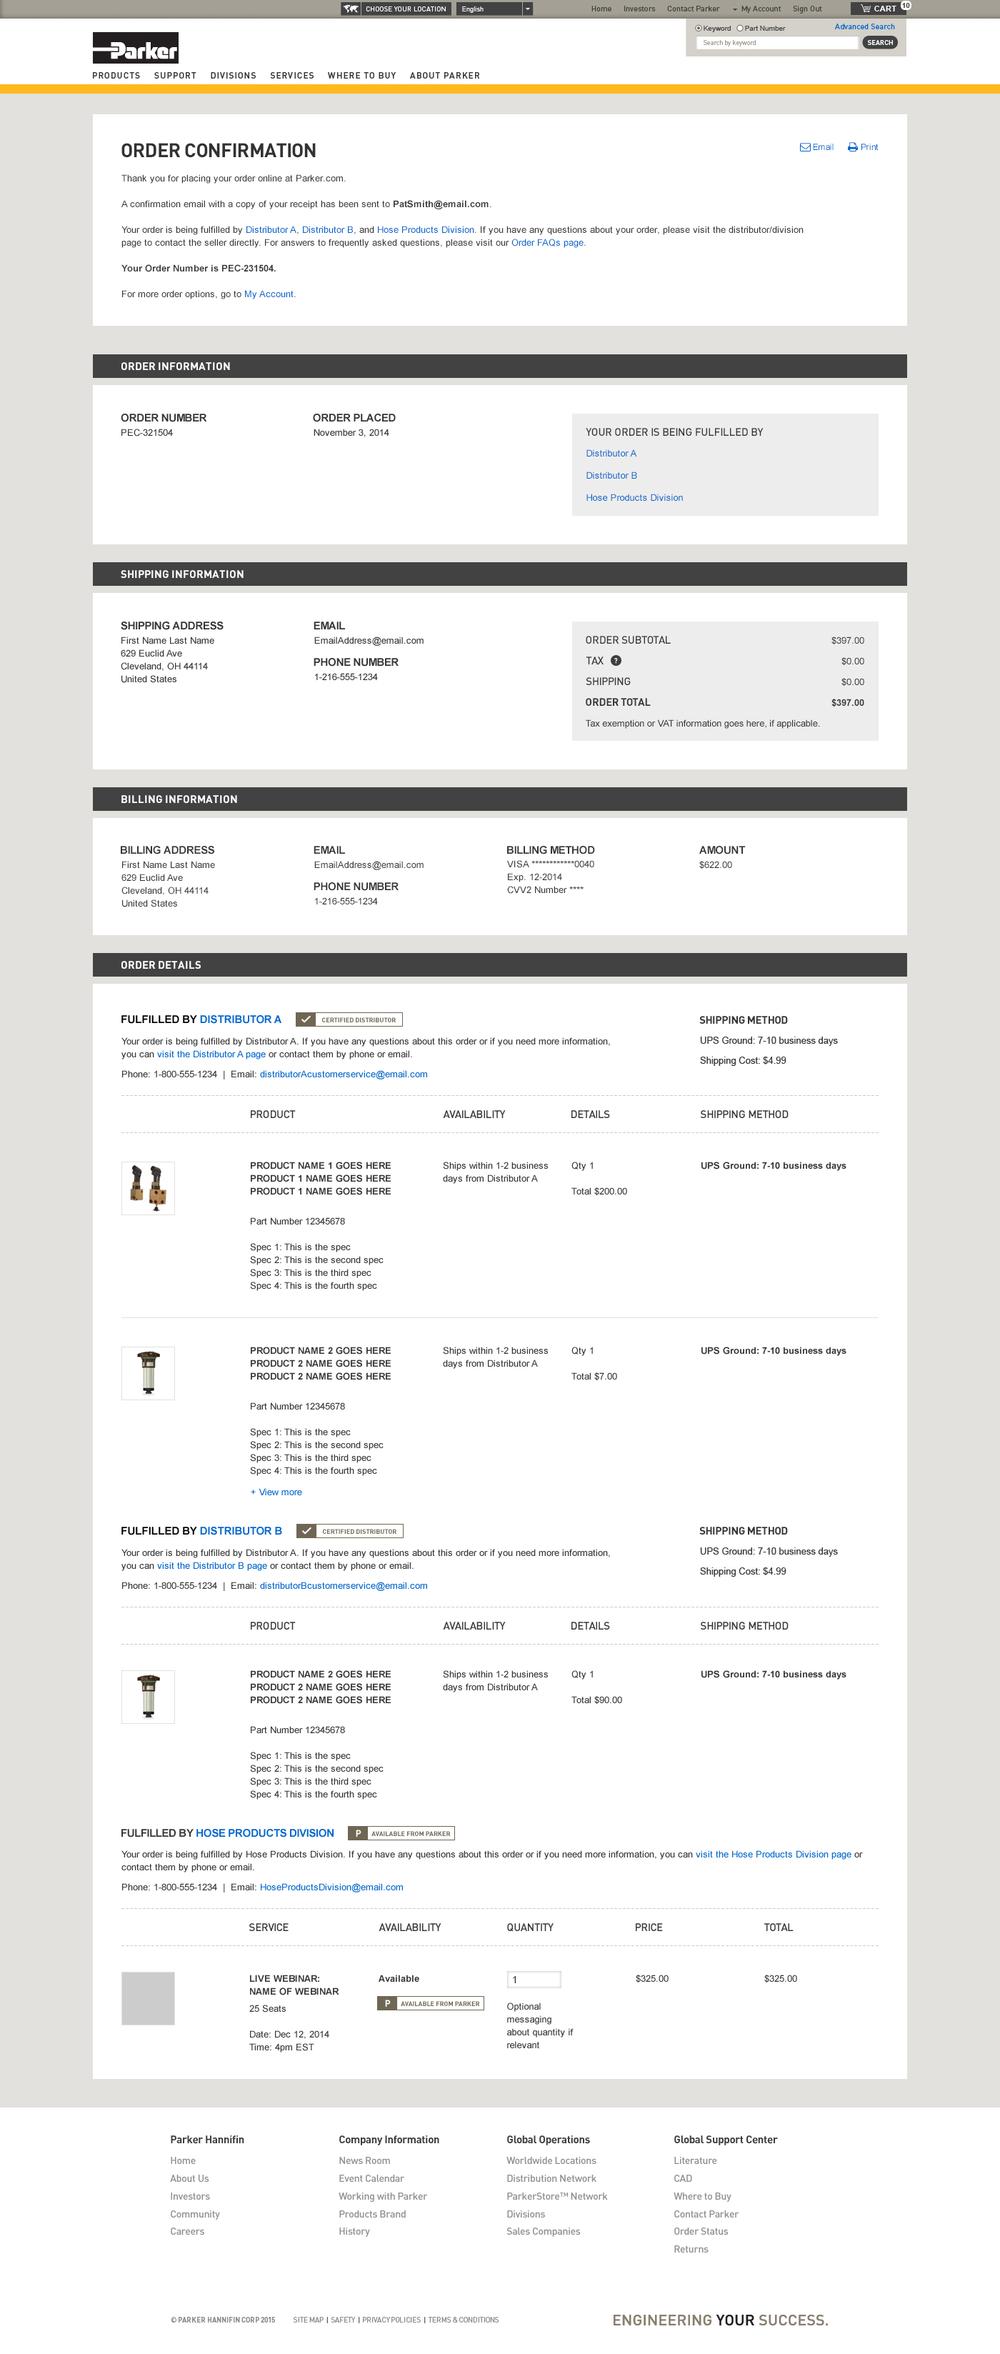 Parker_Desktop_Checkout_OrderConfirmation_Registered.jpg